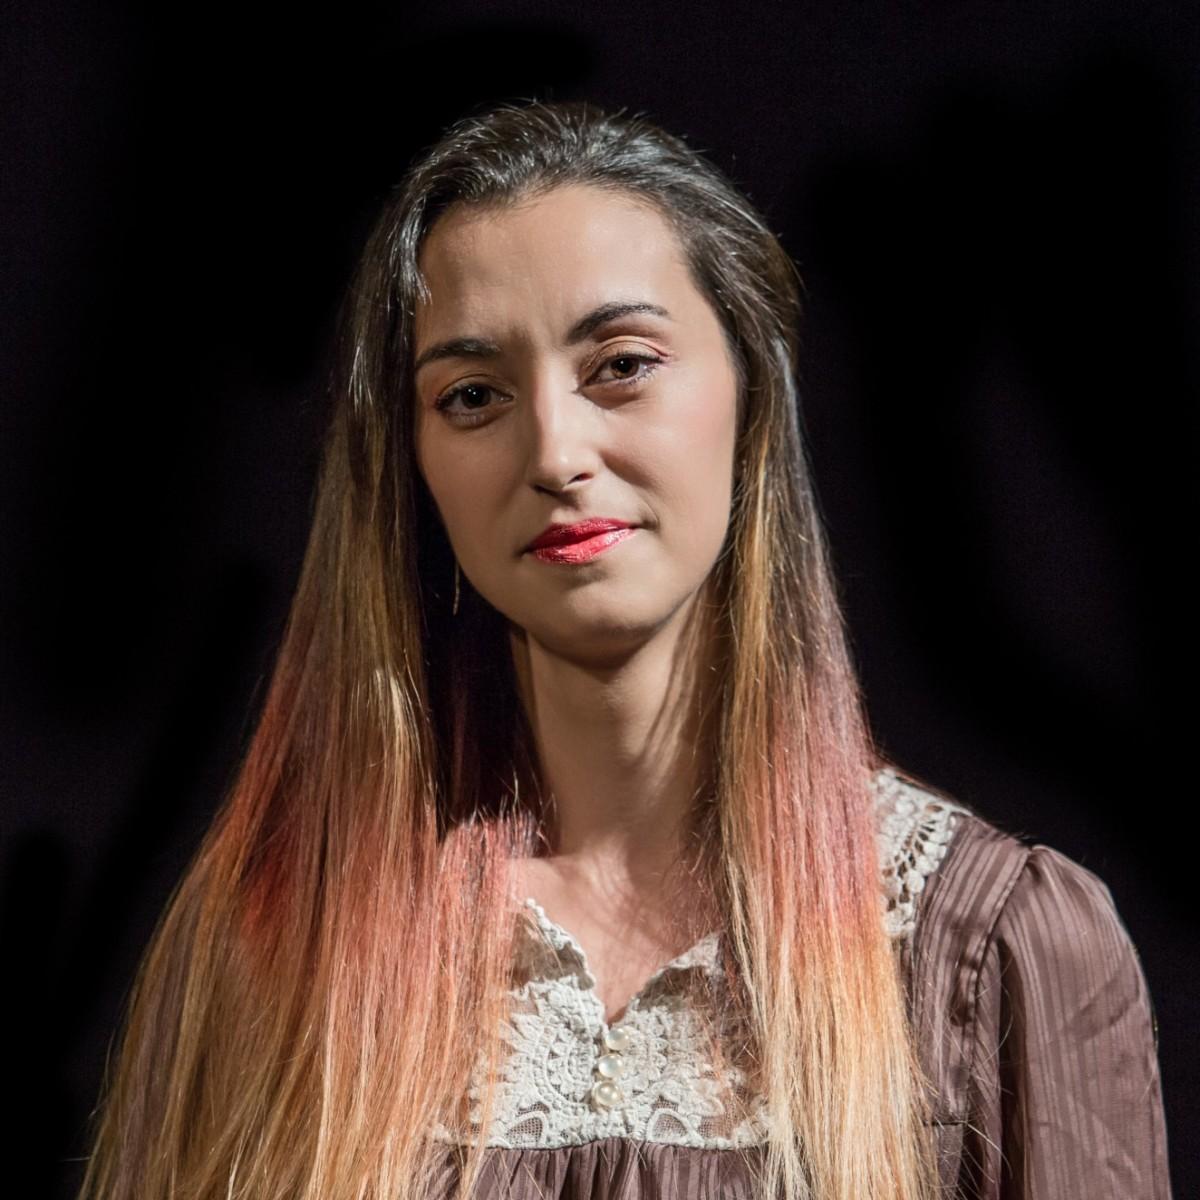 Loredana Maghear